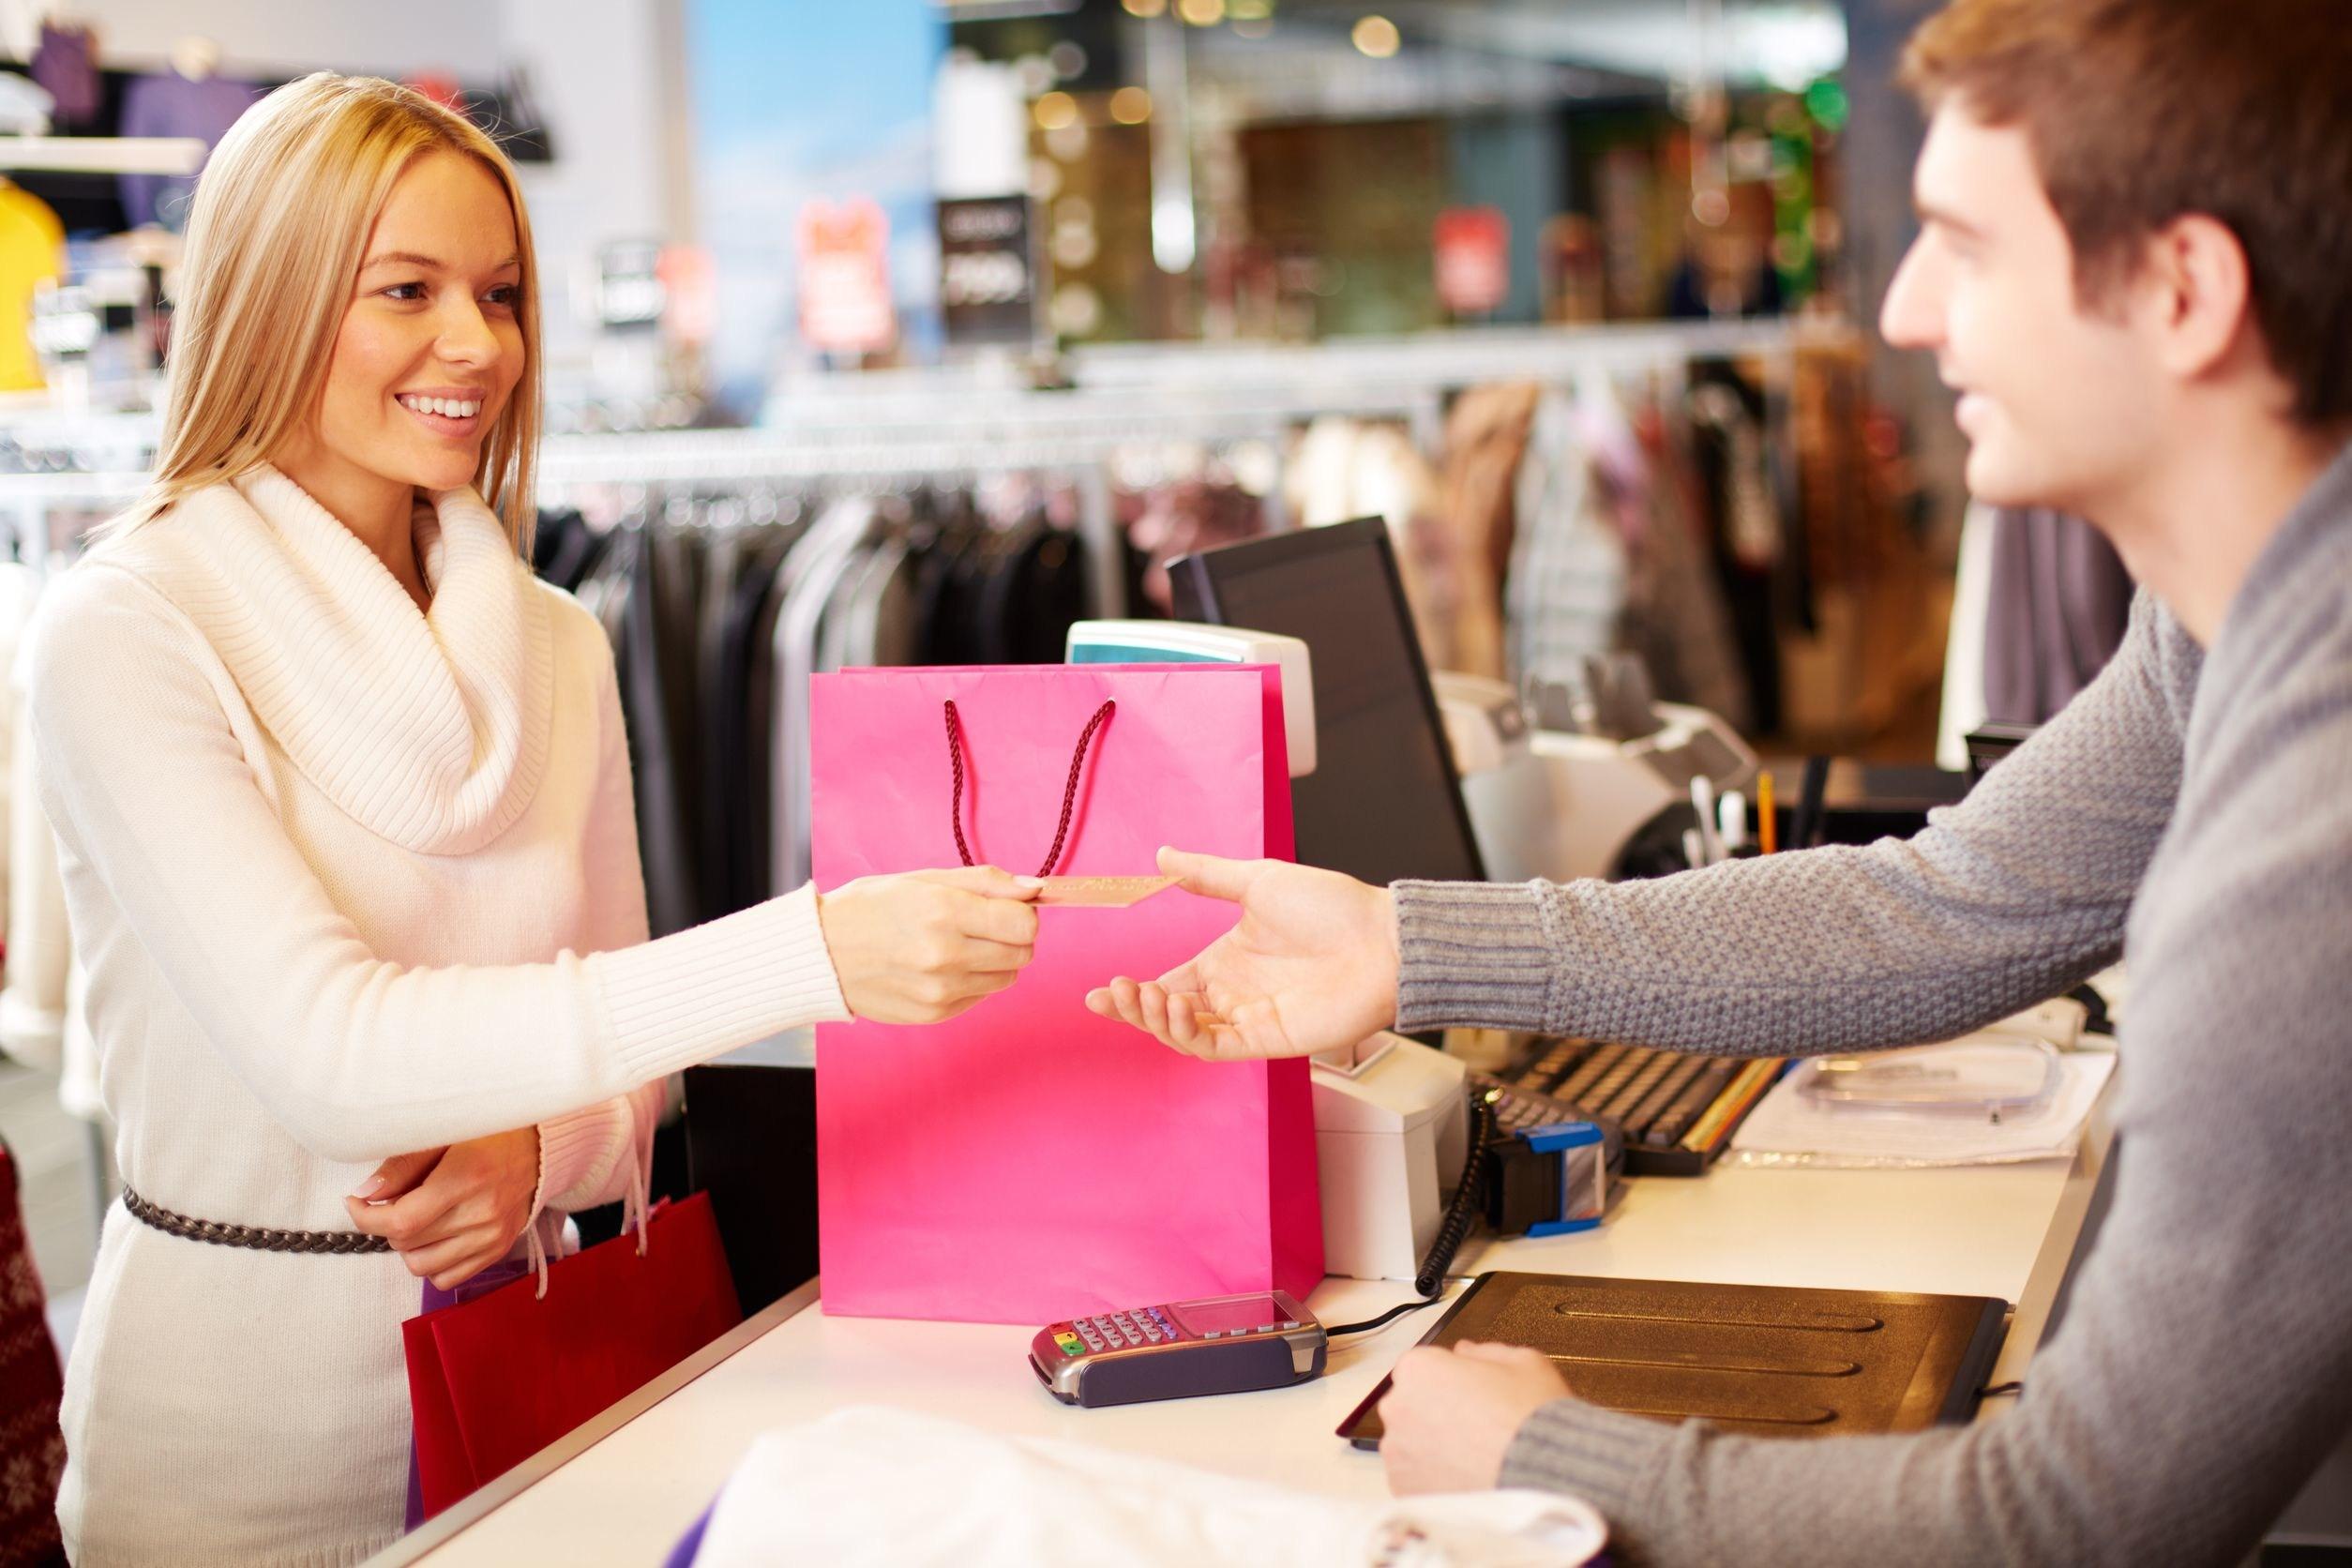 Скачать закон статью косметика и парфюмерия возврату не подлежит